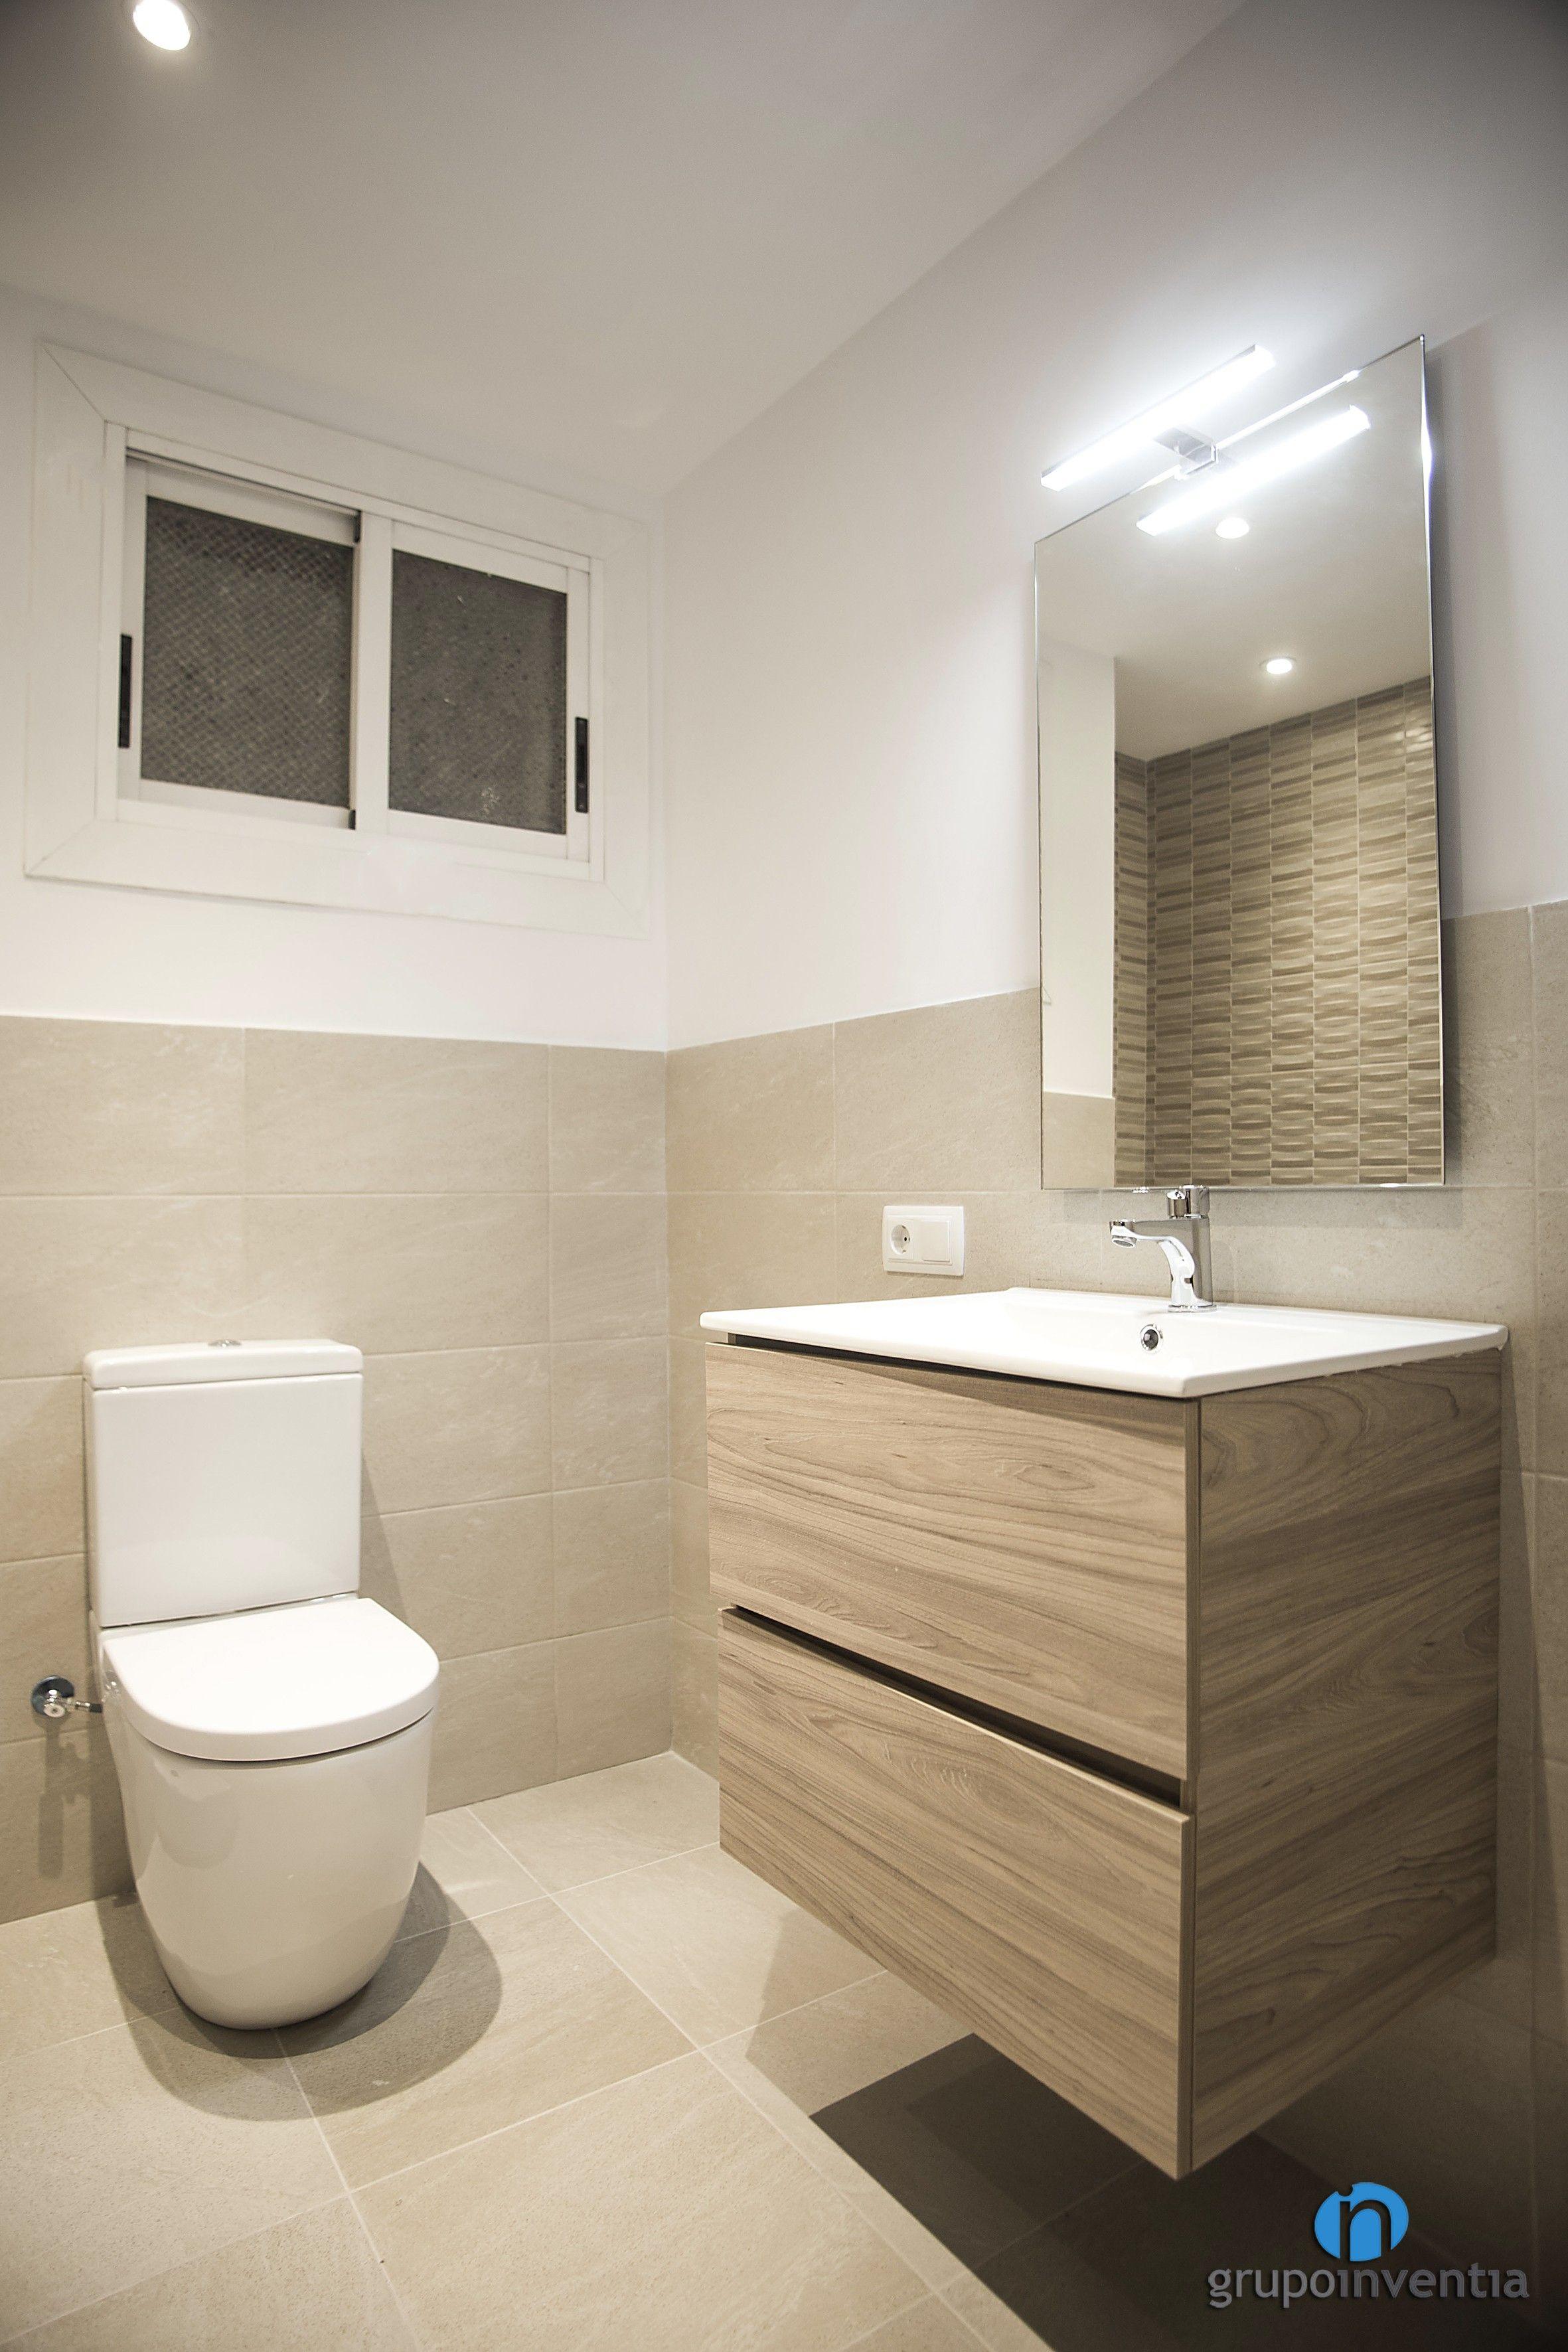 para el diseño interior del cuarto de baño se apostó por un